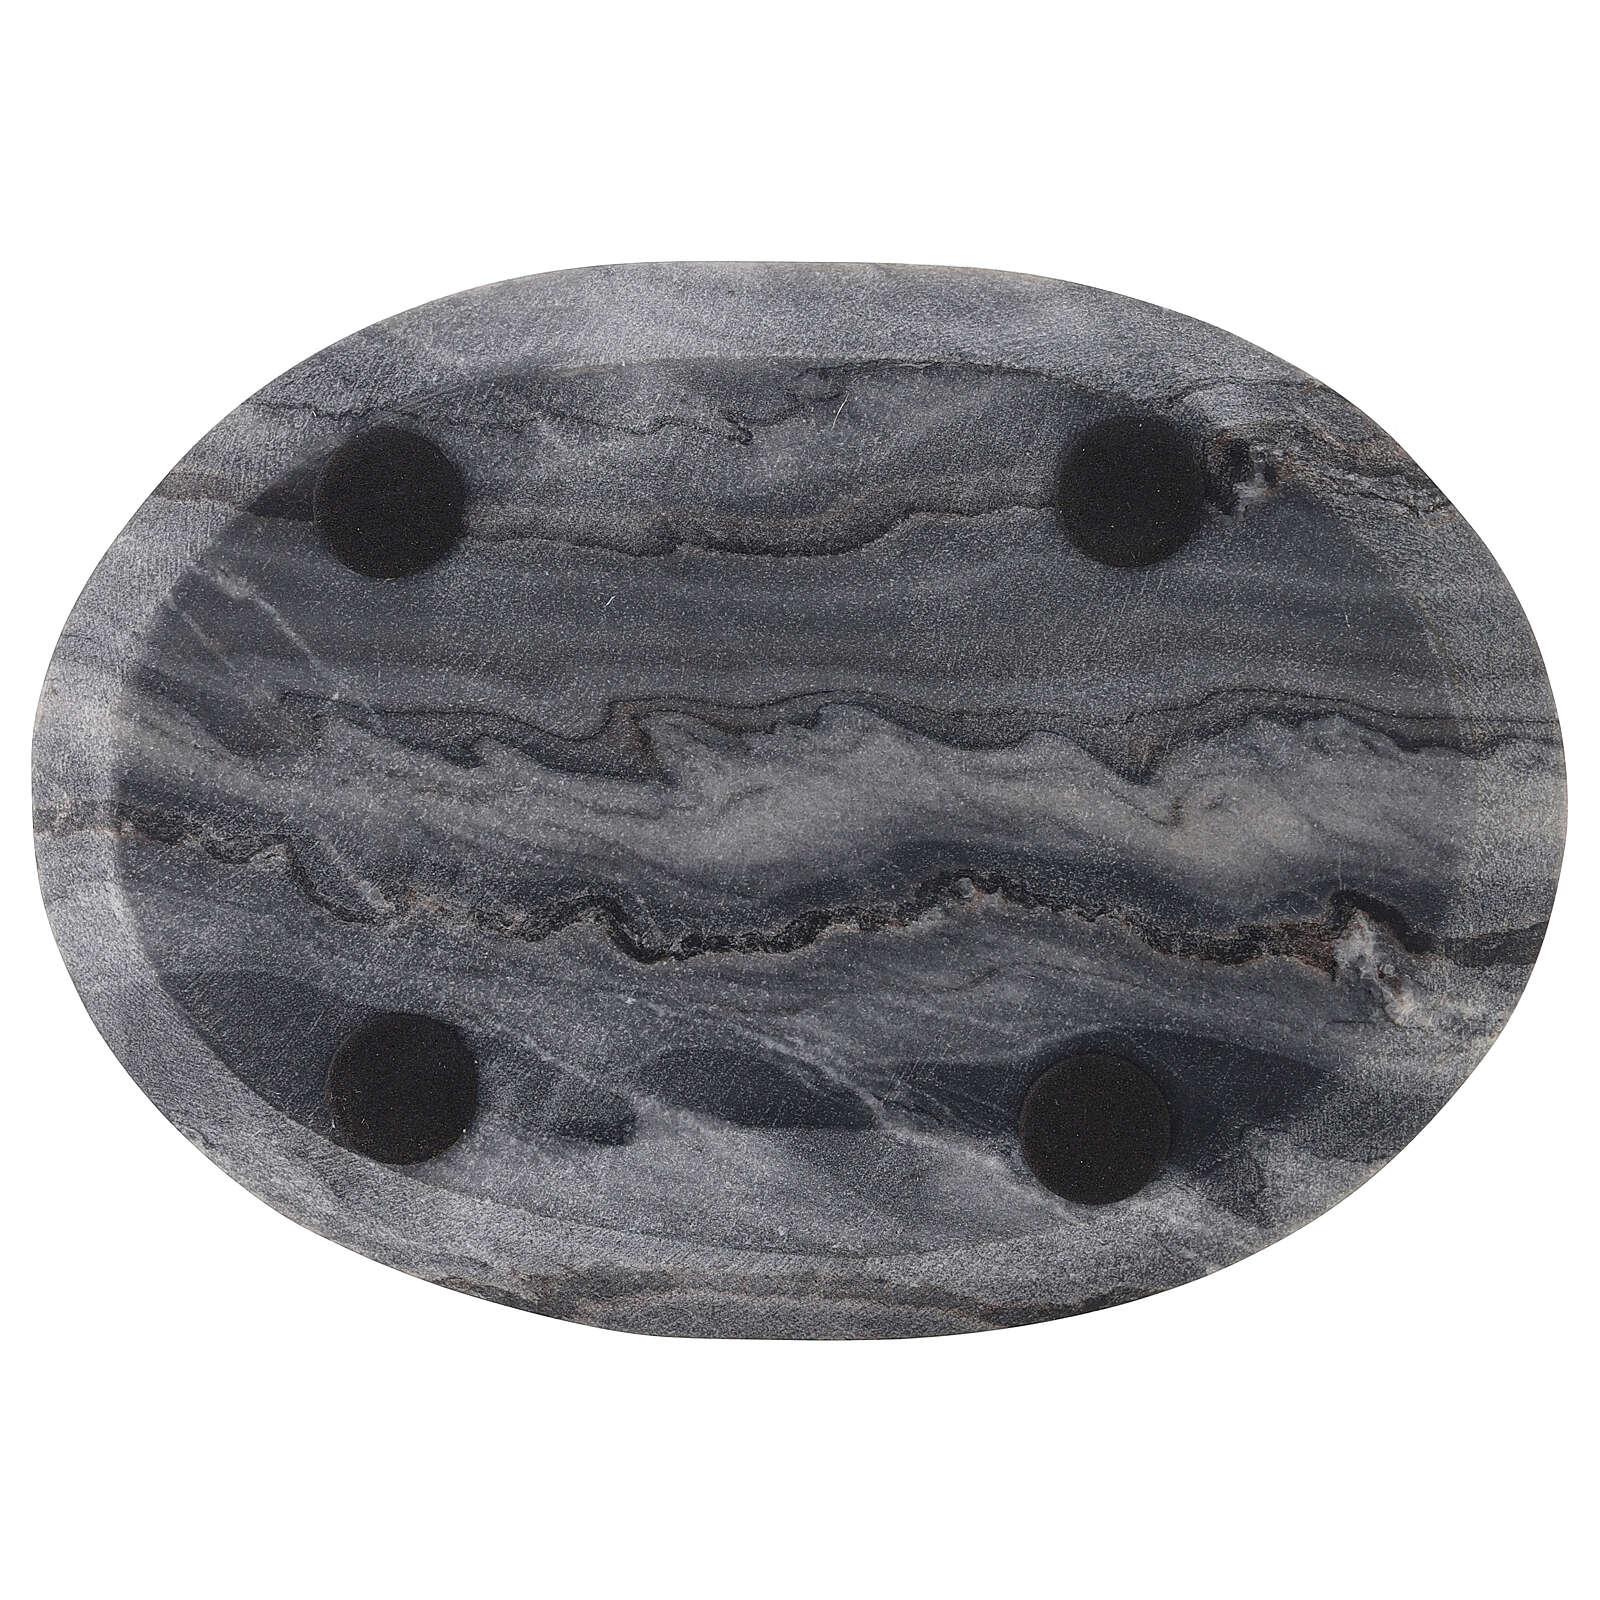 Plato ovalado portavela 20x14 cm piedra natural 3